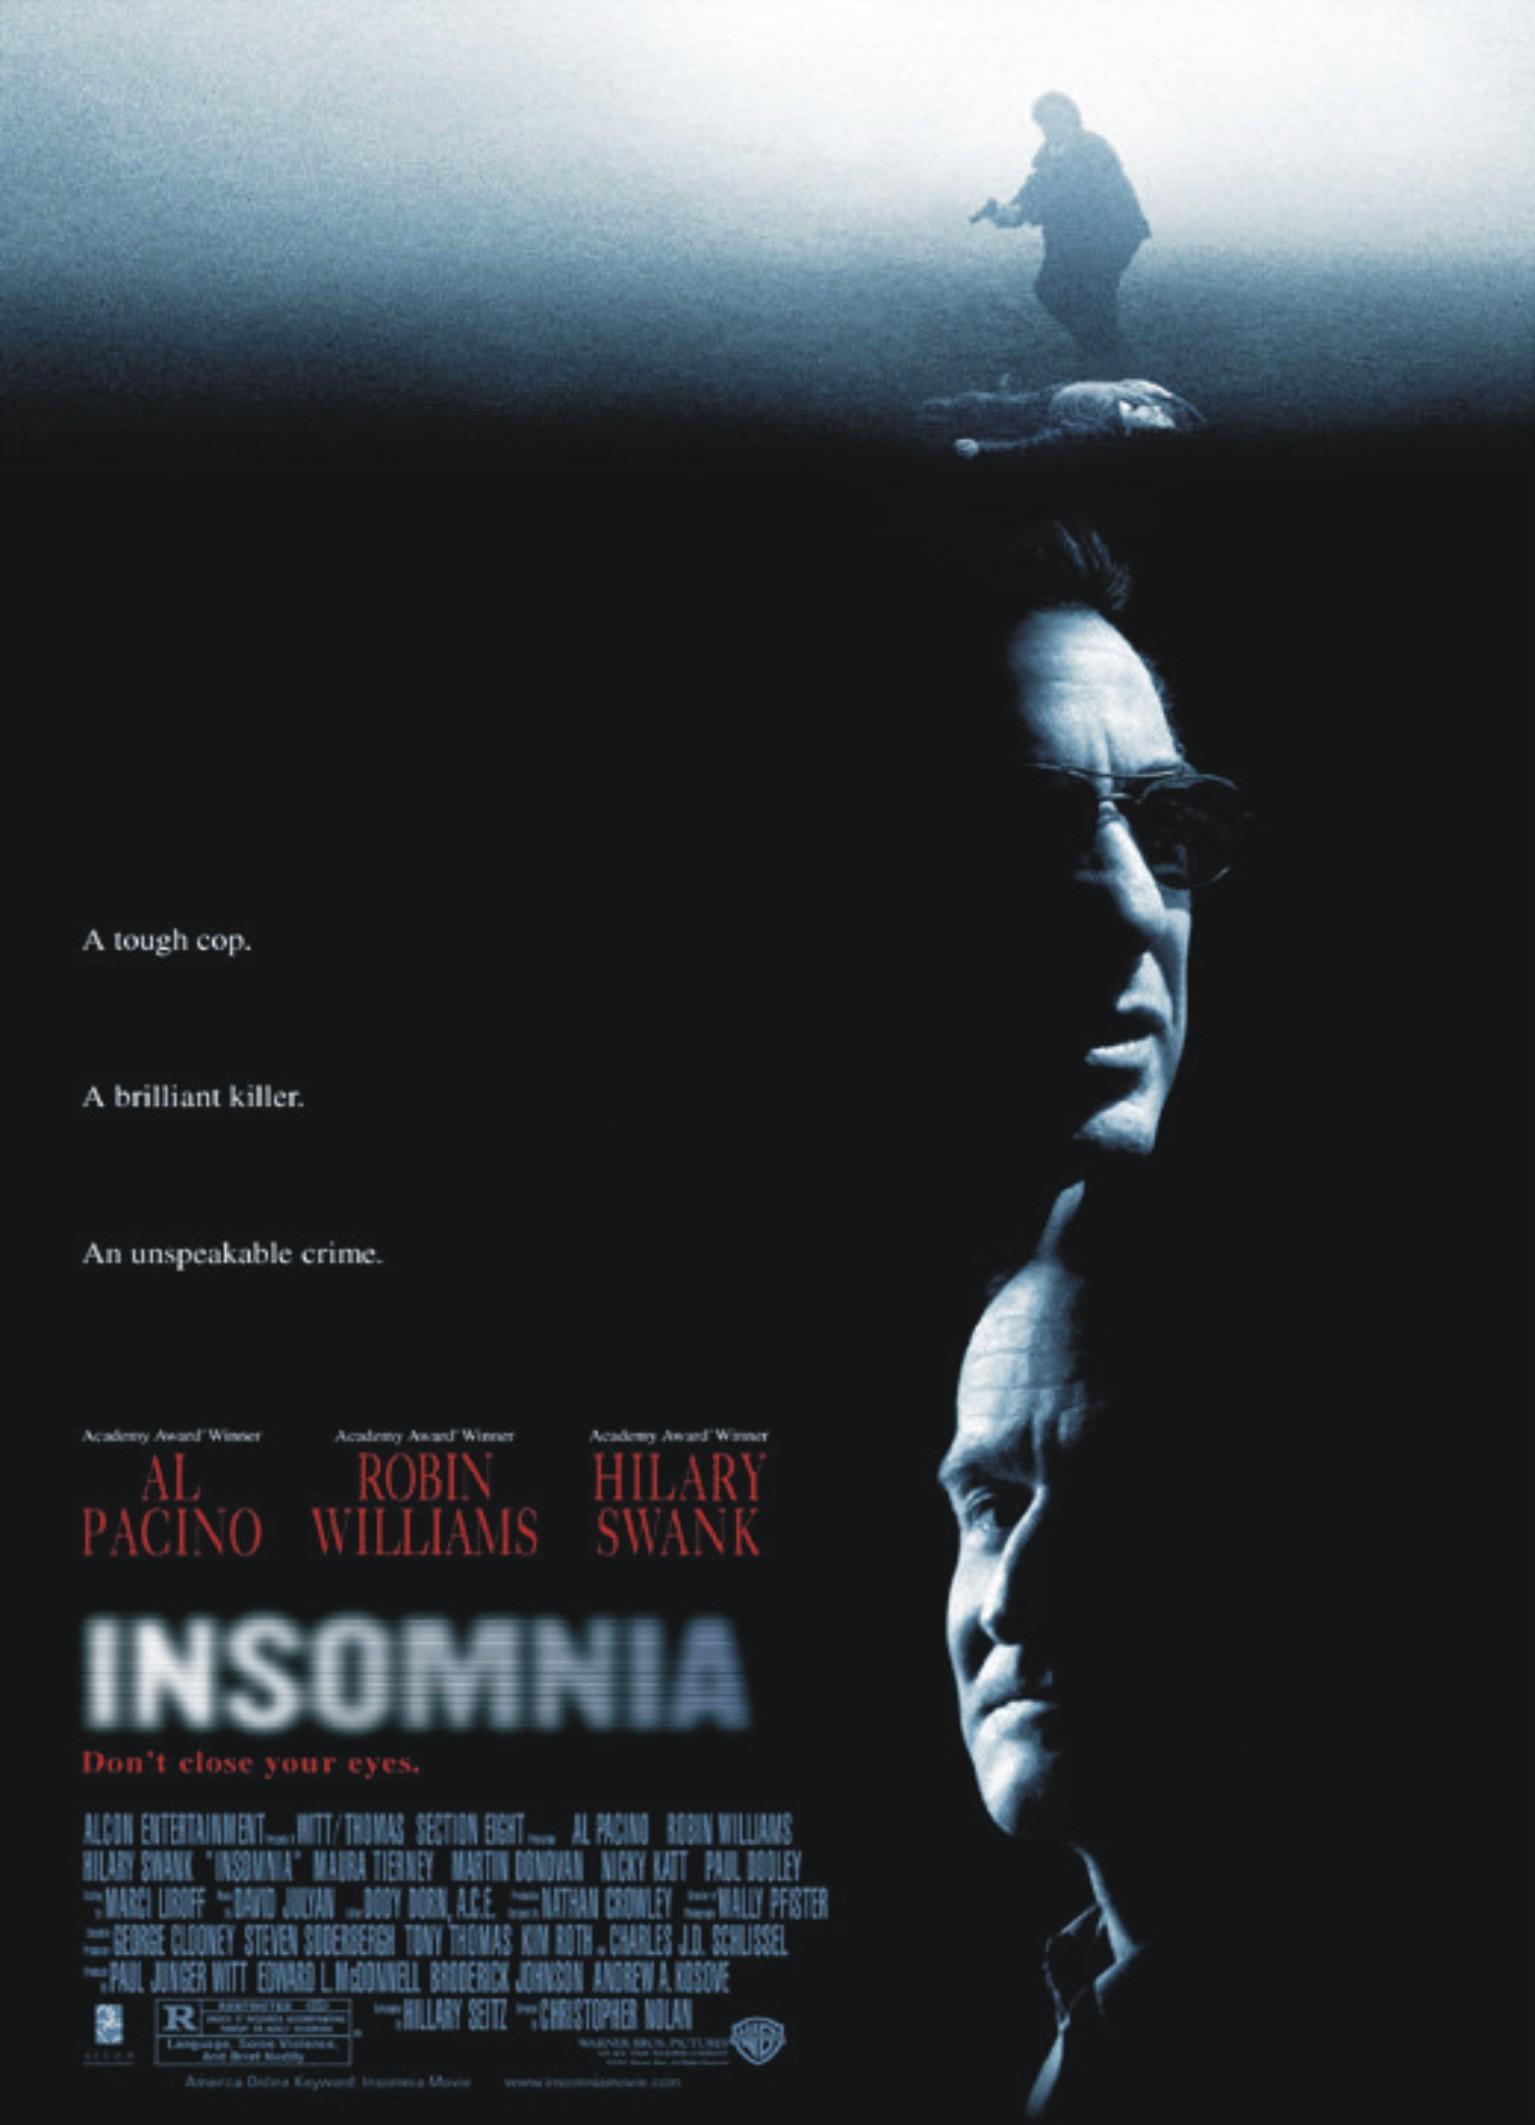 بي خوابي (آل پاچينو و رابين ويليامز)